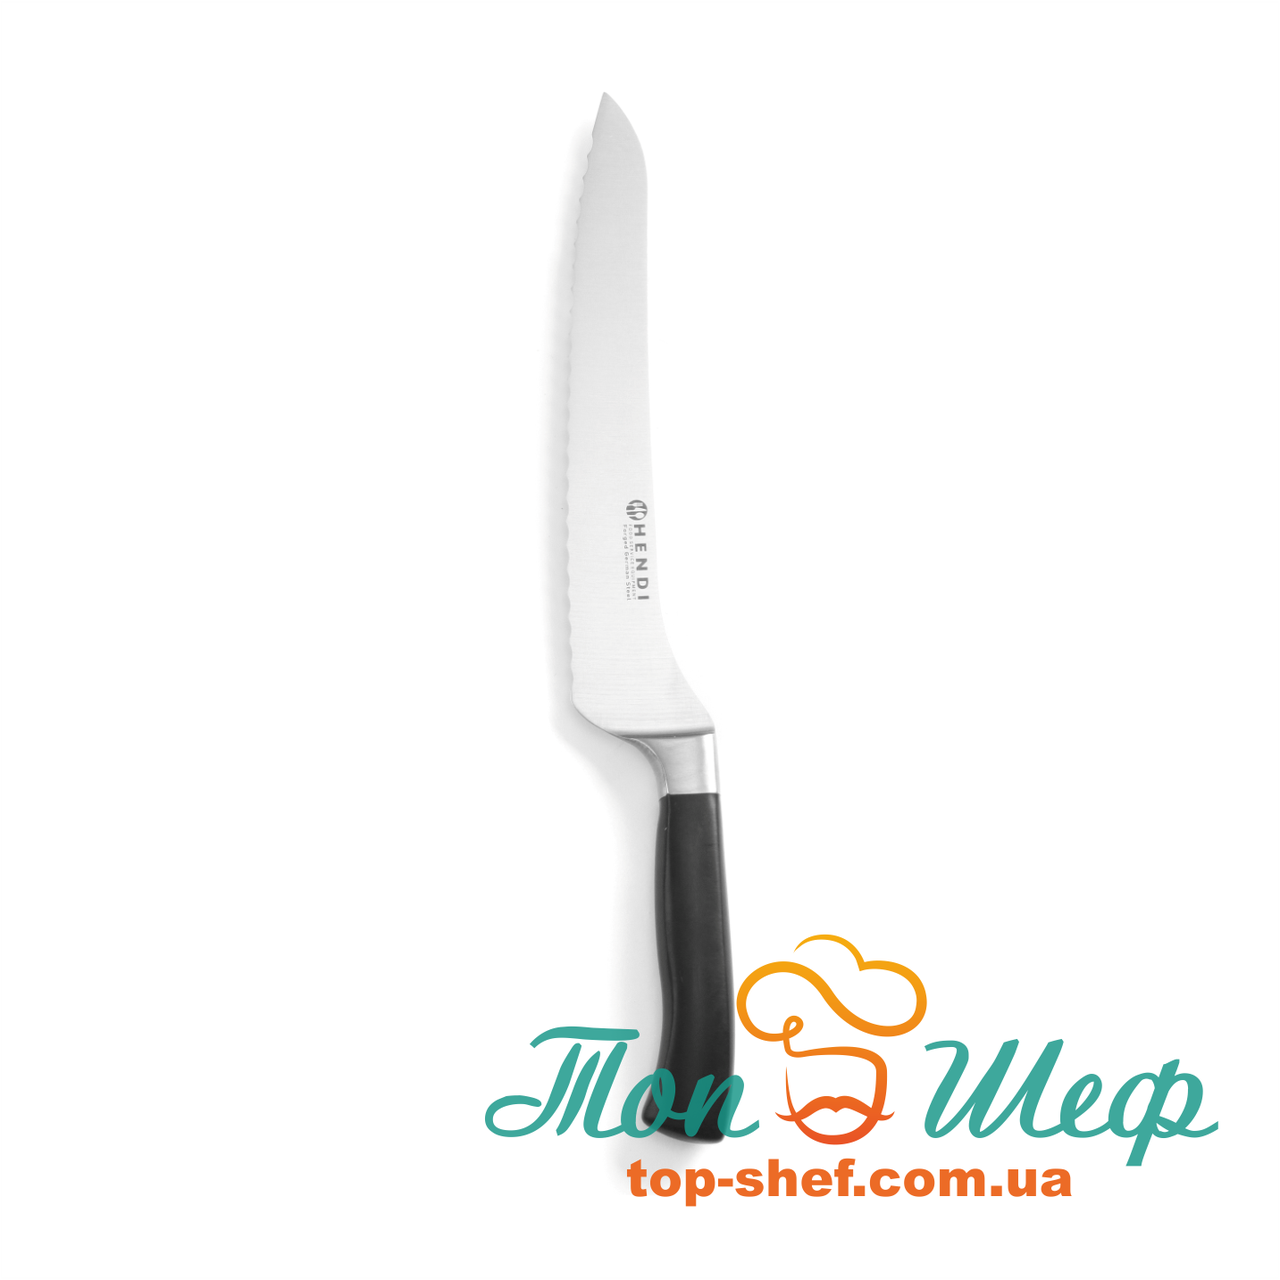 Нож для хлеба Hendi 844281